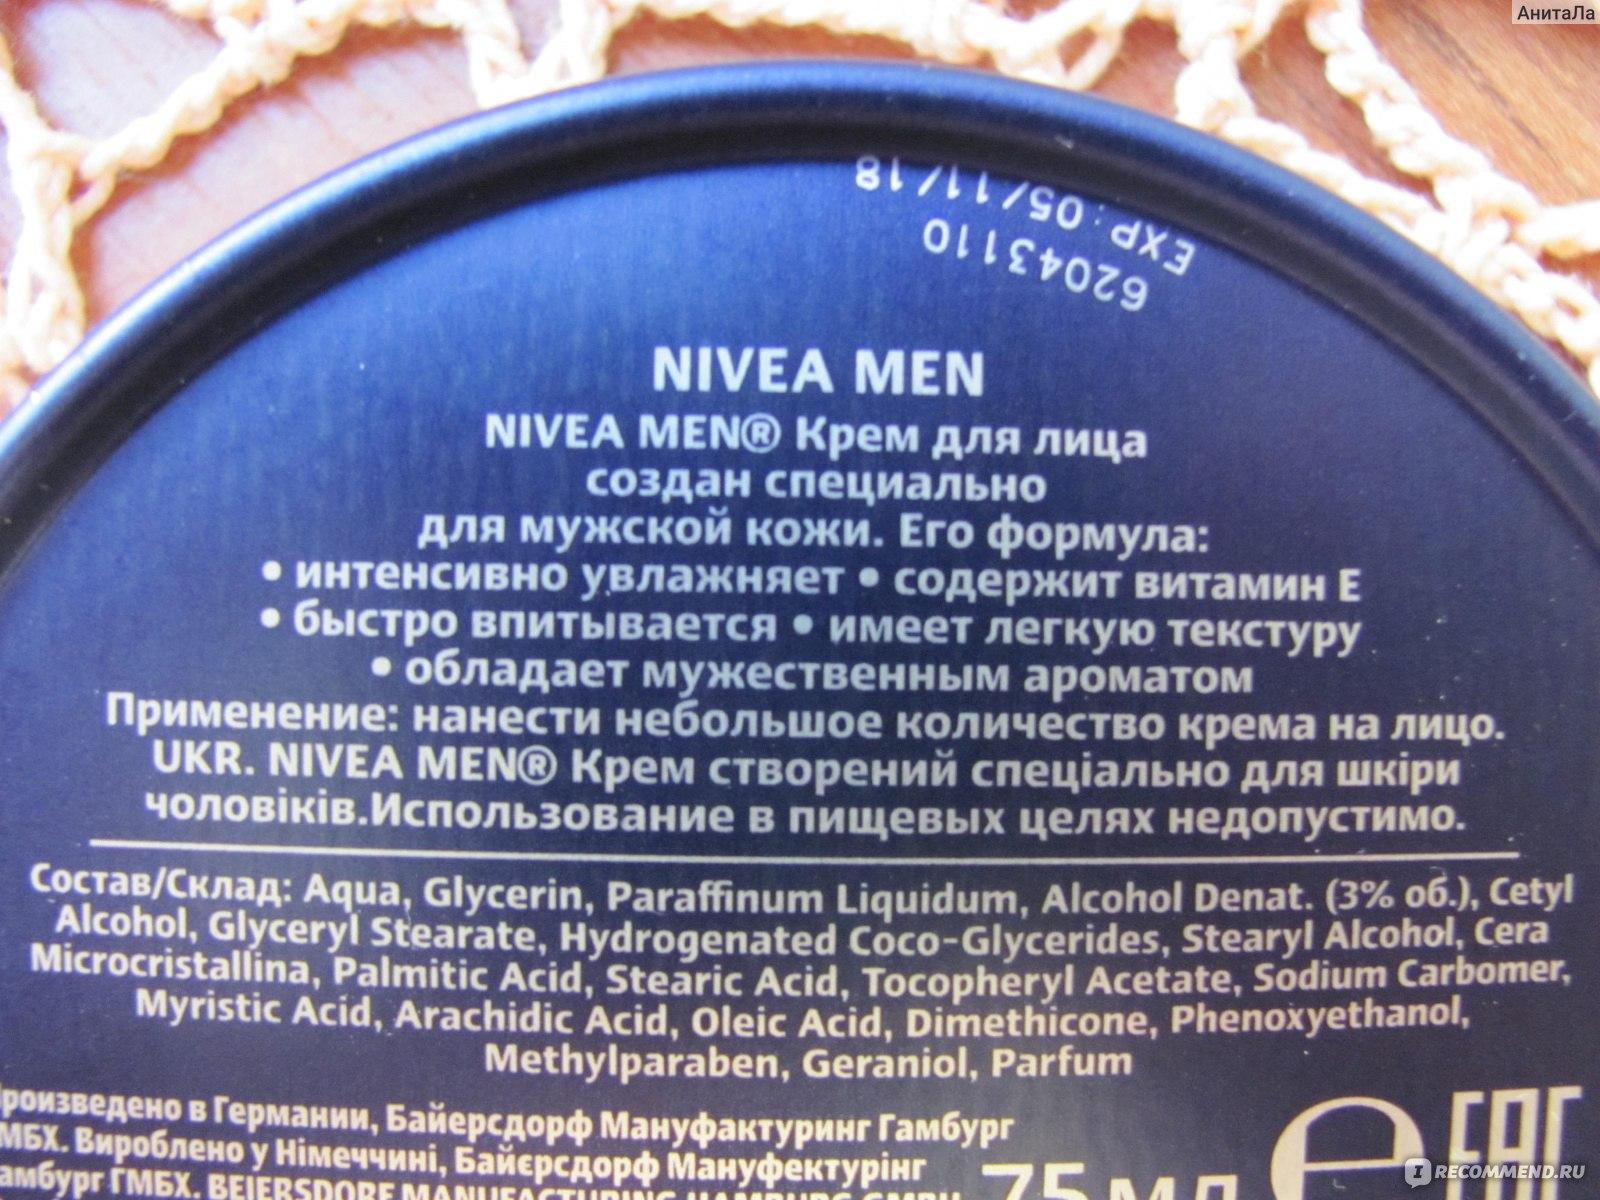 7bdcdb7a6e3e Крем для лица NIVEA MEN - «Почему я, женщина, выбрала крем для лица ...